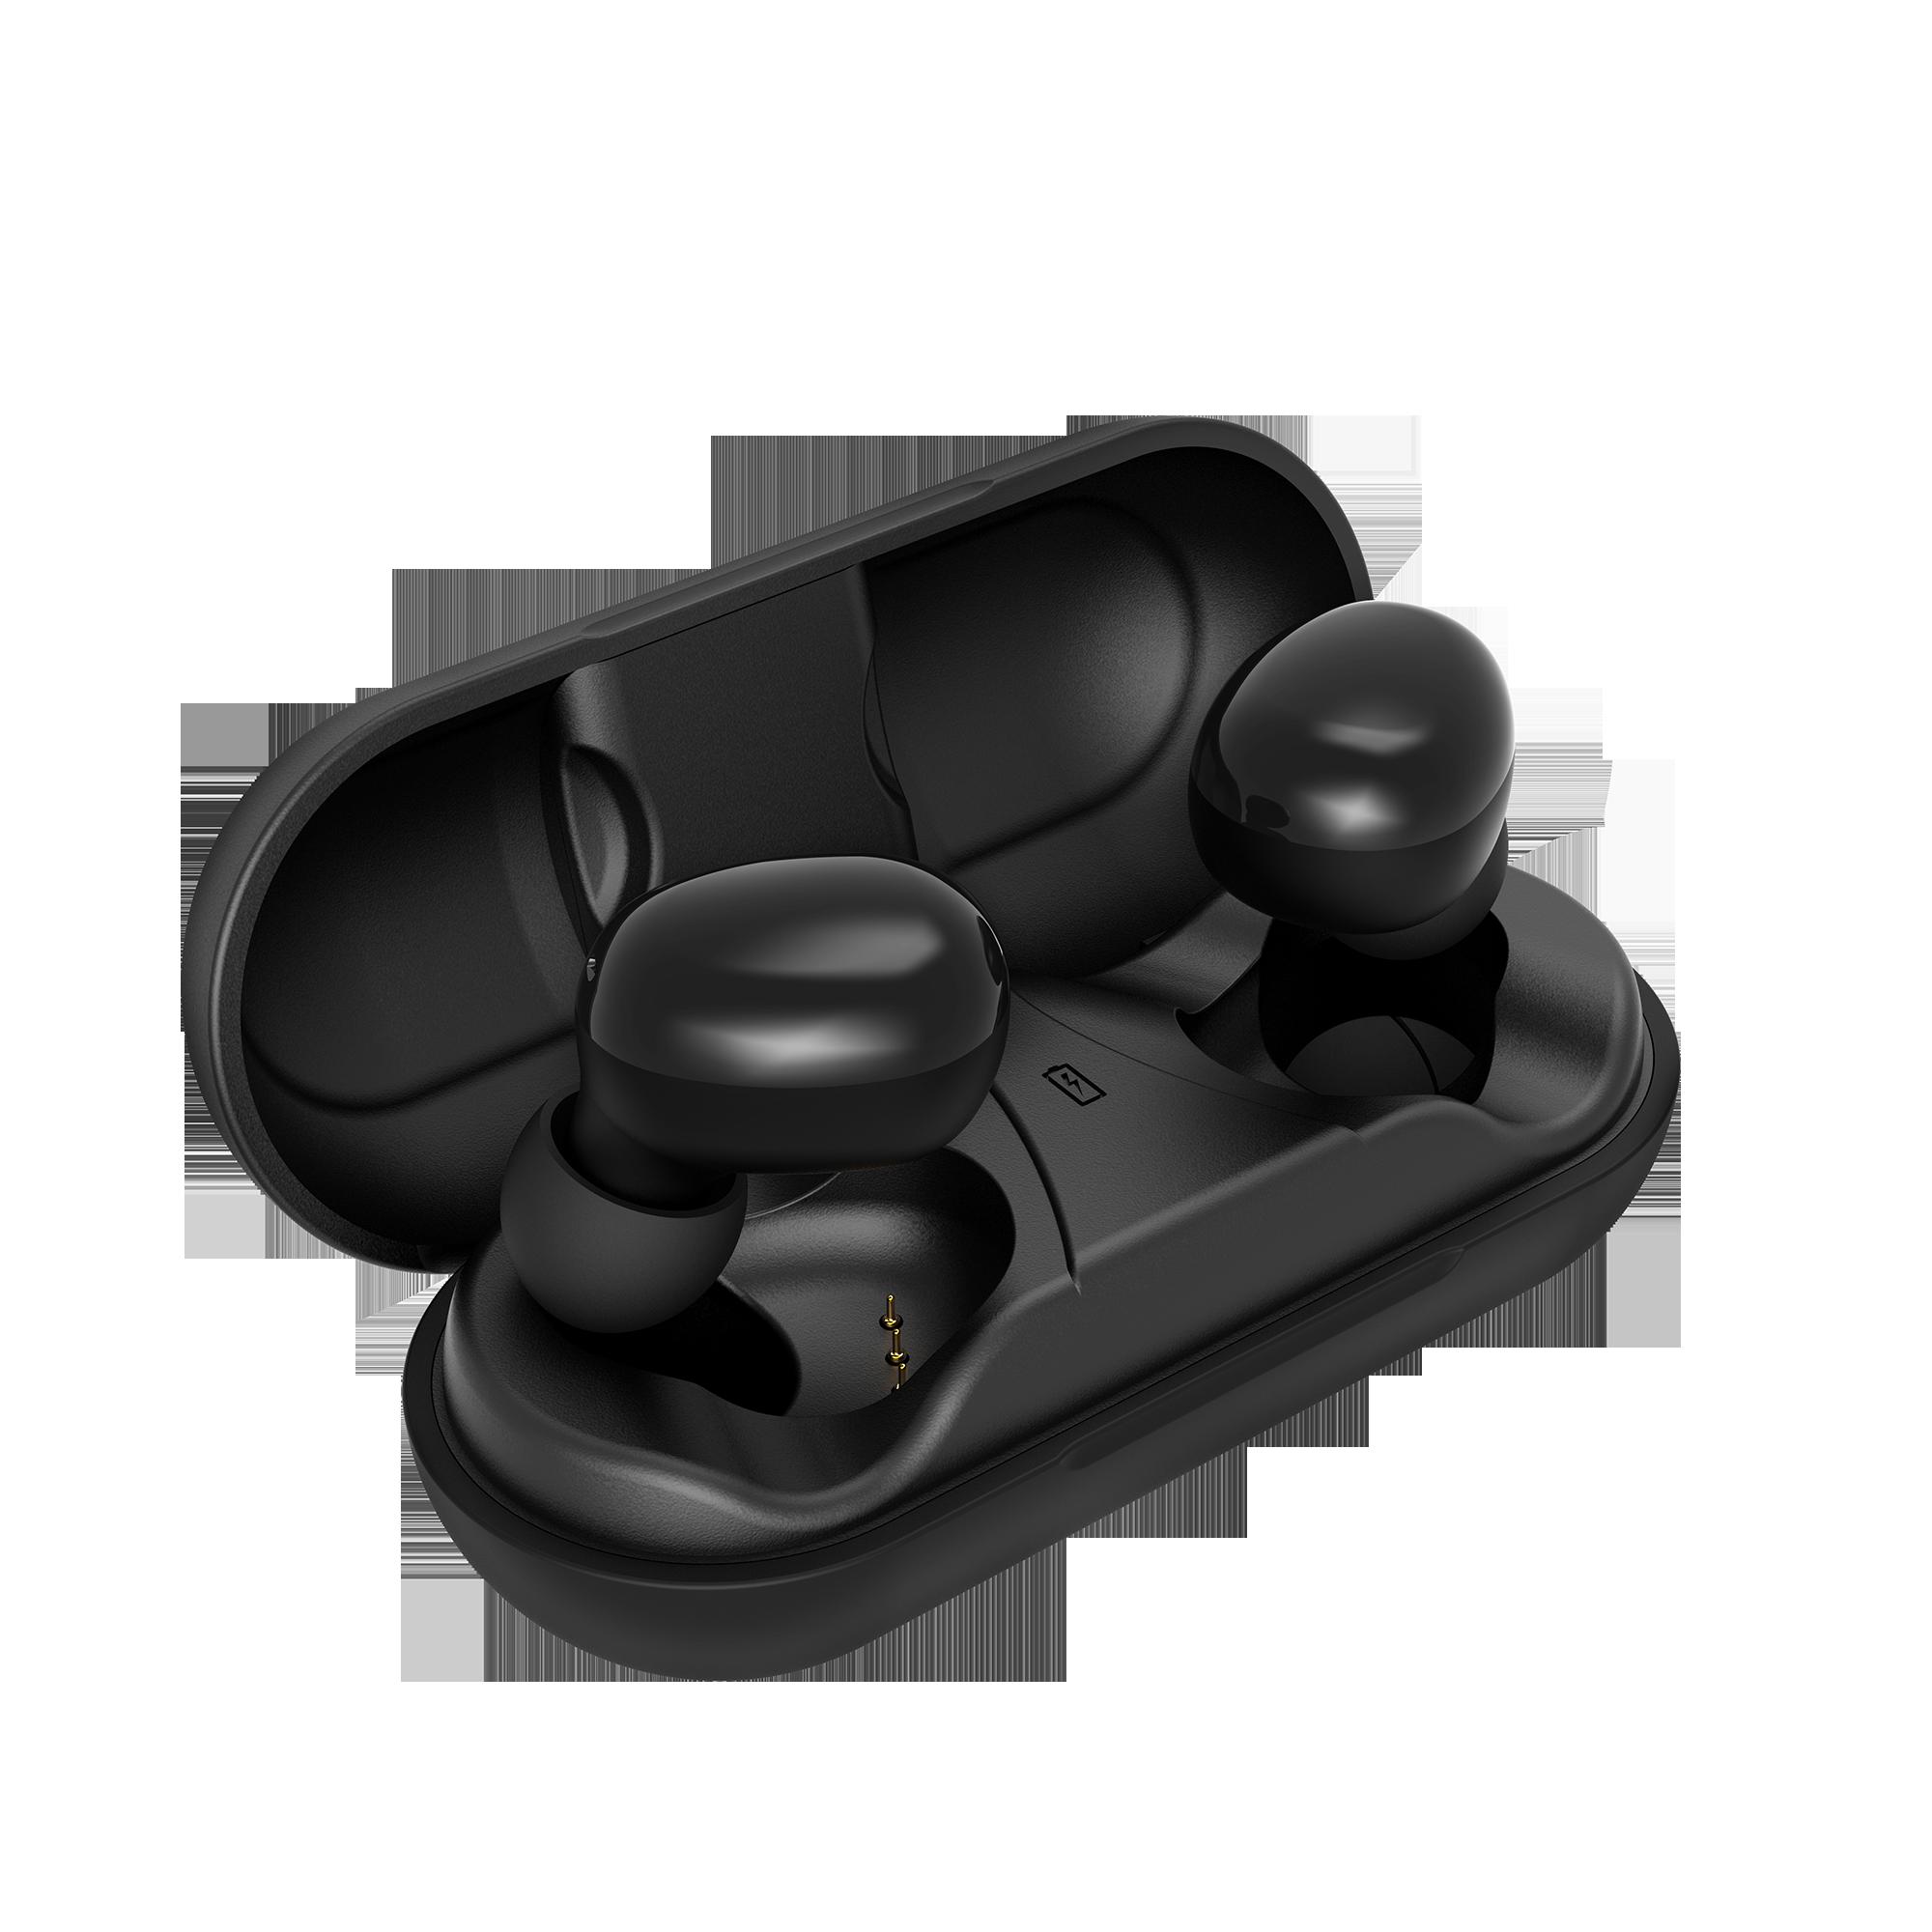 Ohr knospen wasserdicht IPX BT drahtlose kopfhörer blue tooth headset